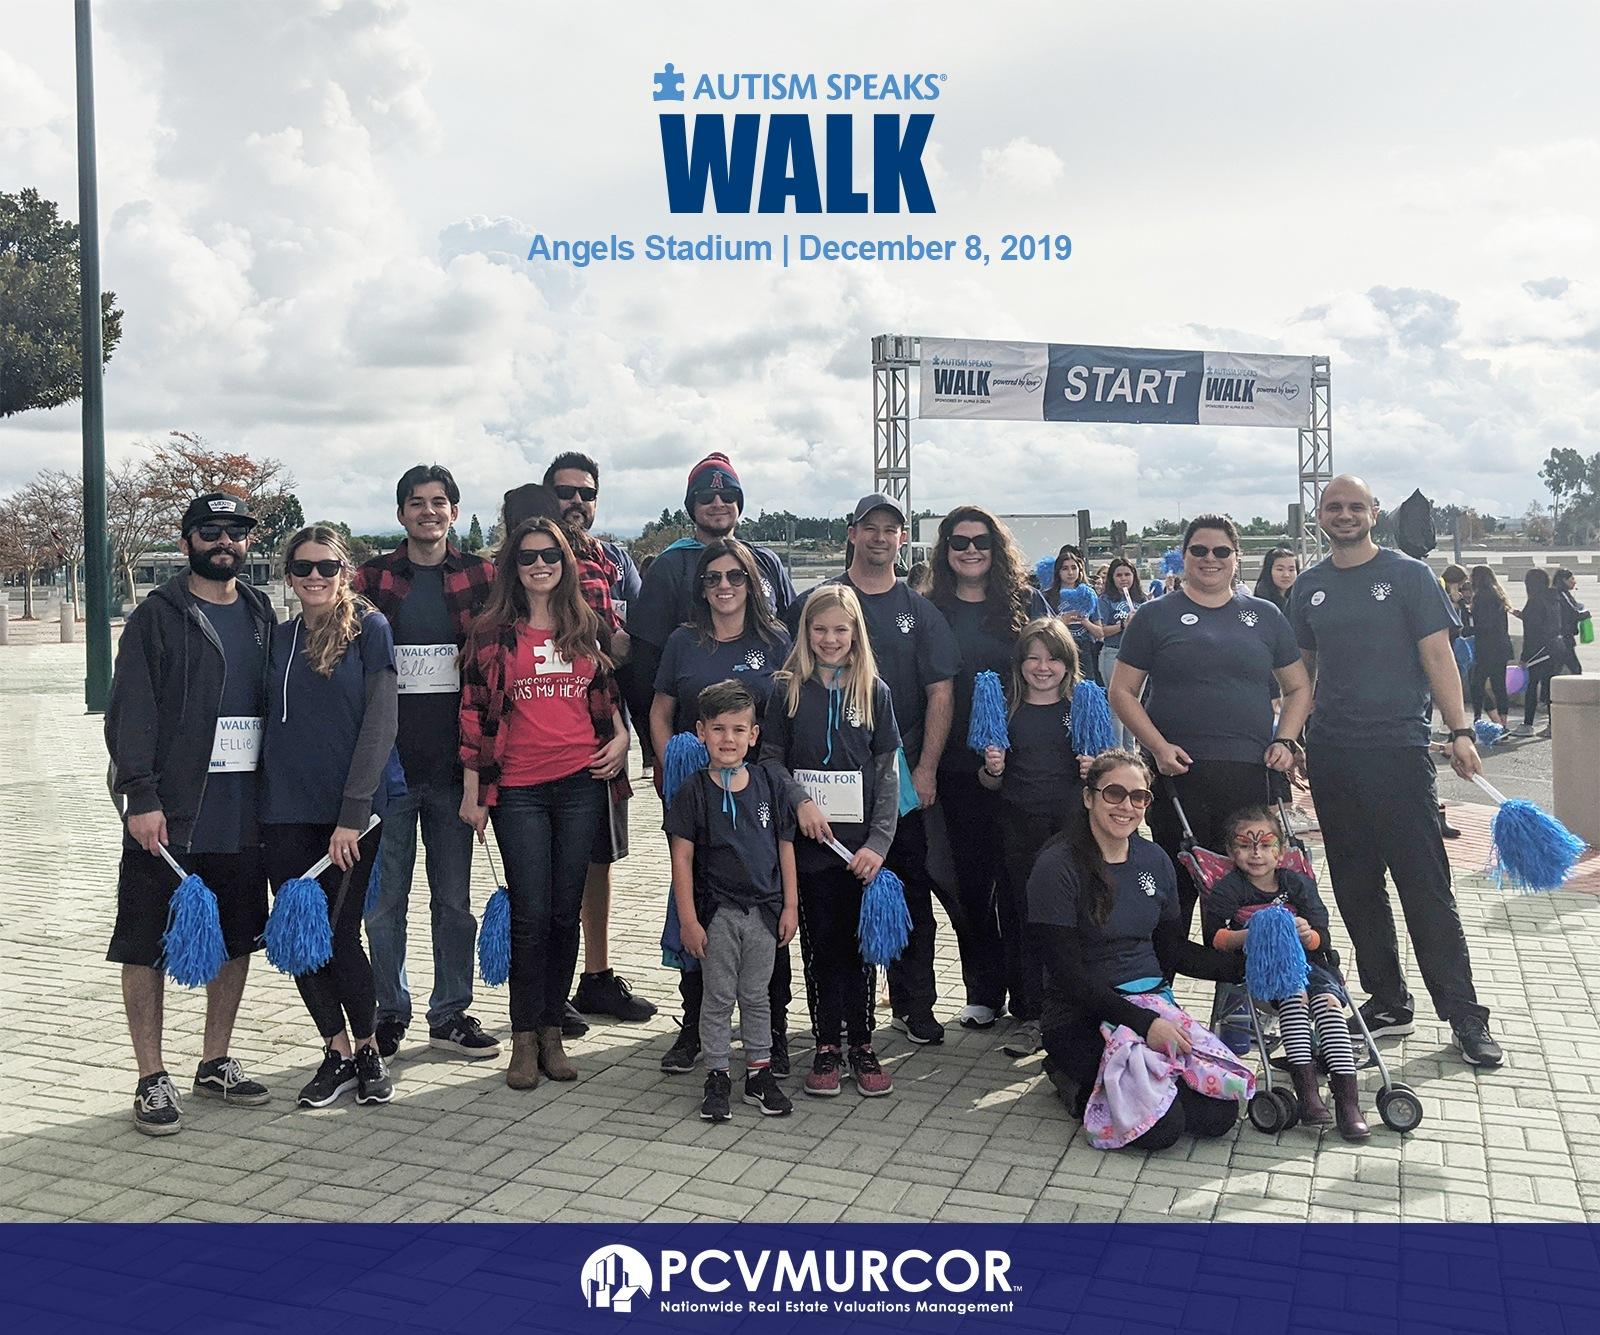 Autism Walk - Team PCV Murcor